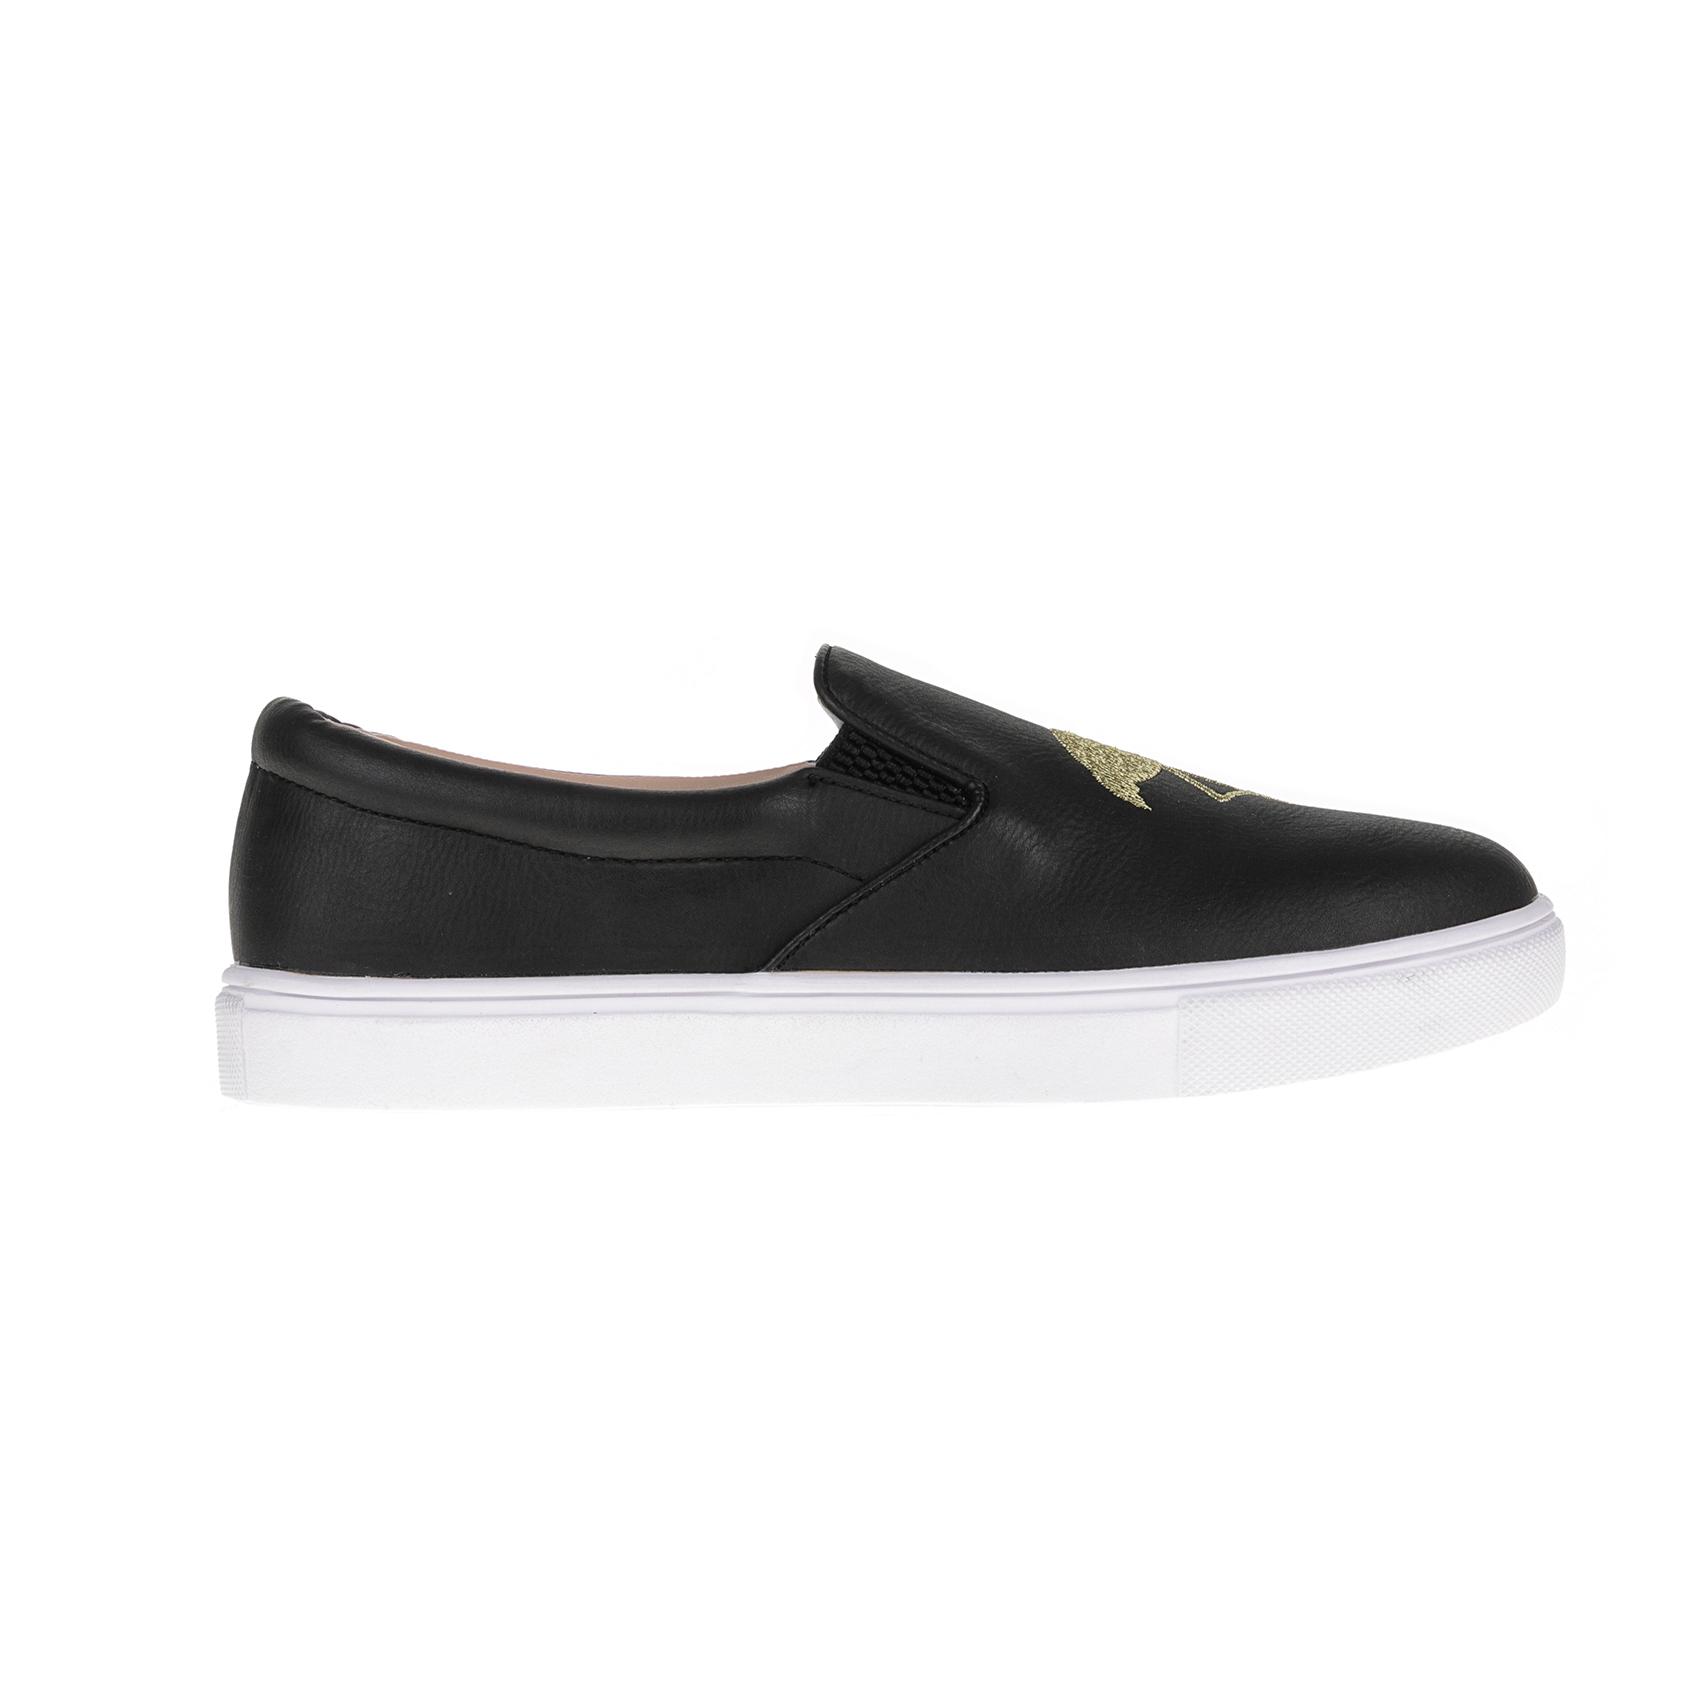 JUICY COUTURE – Γυναικεία slip-on παπούτσια JUICY COUTURE ELEAVE μαύρα